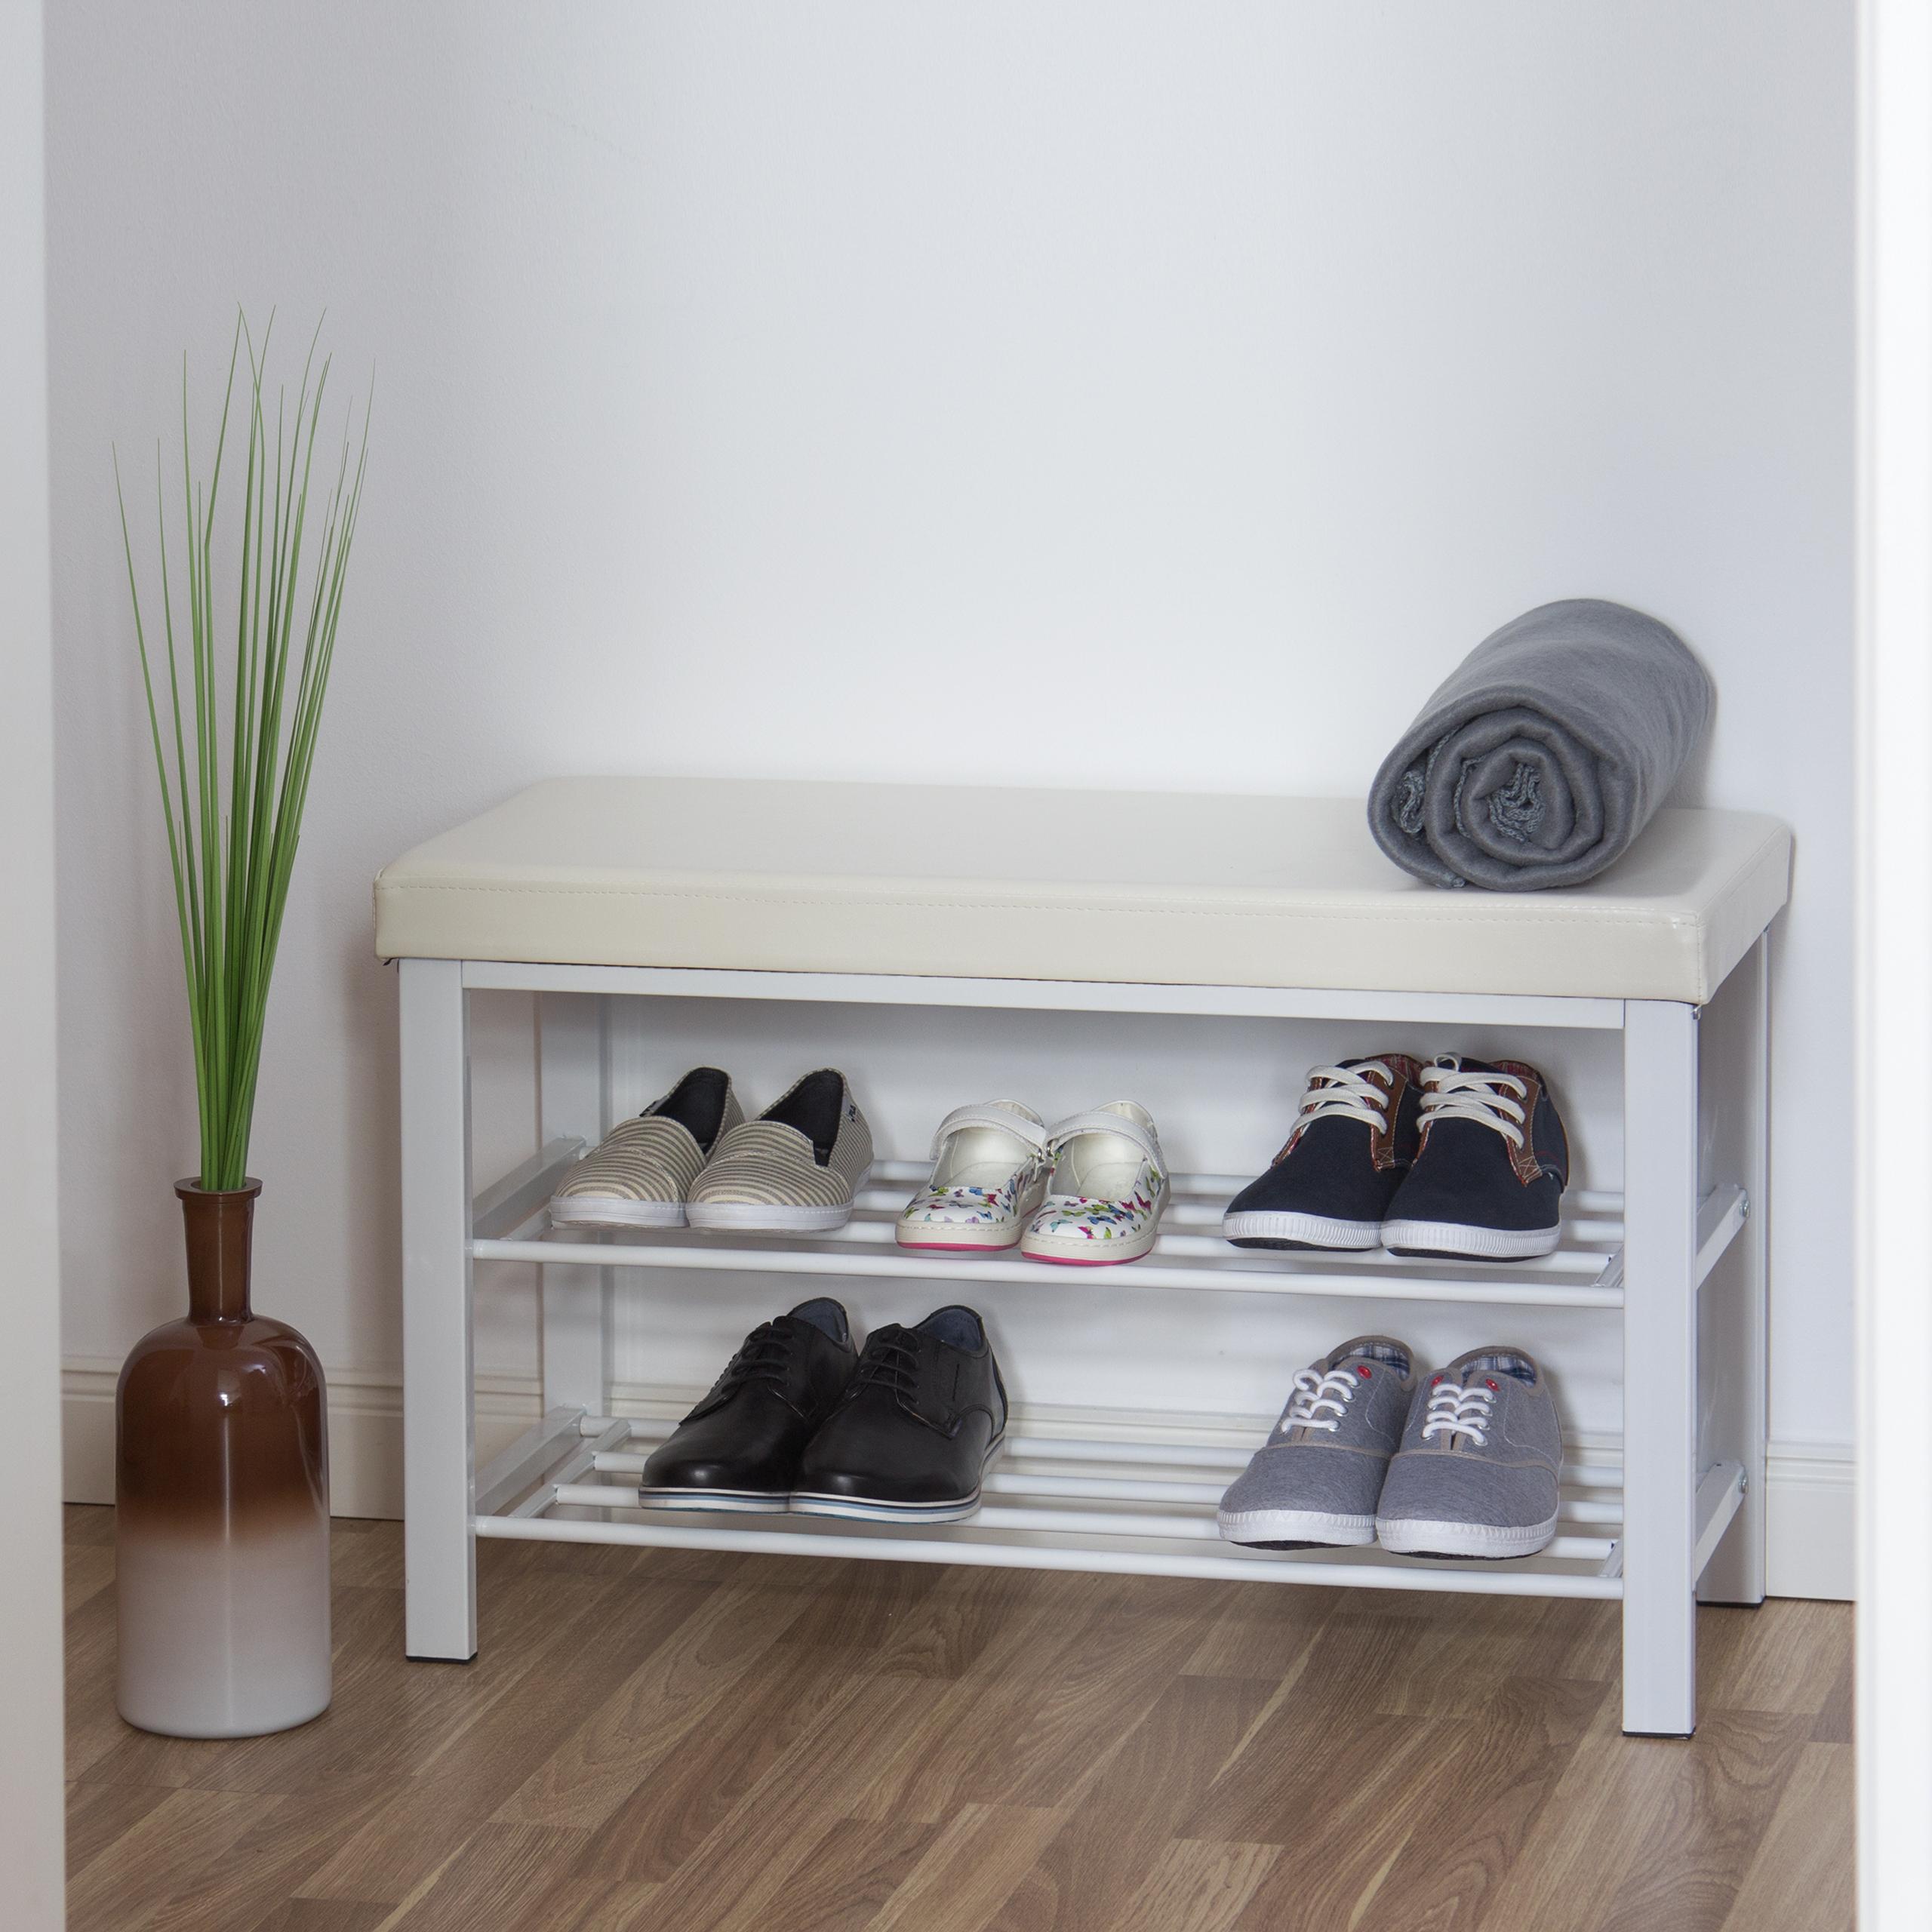 Schuhbank-mit-Polsterung-Schuhregal-mit-Ablage-Sitzbank-mit-Faechern-Schuhablge Indexbild 7